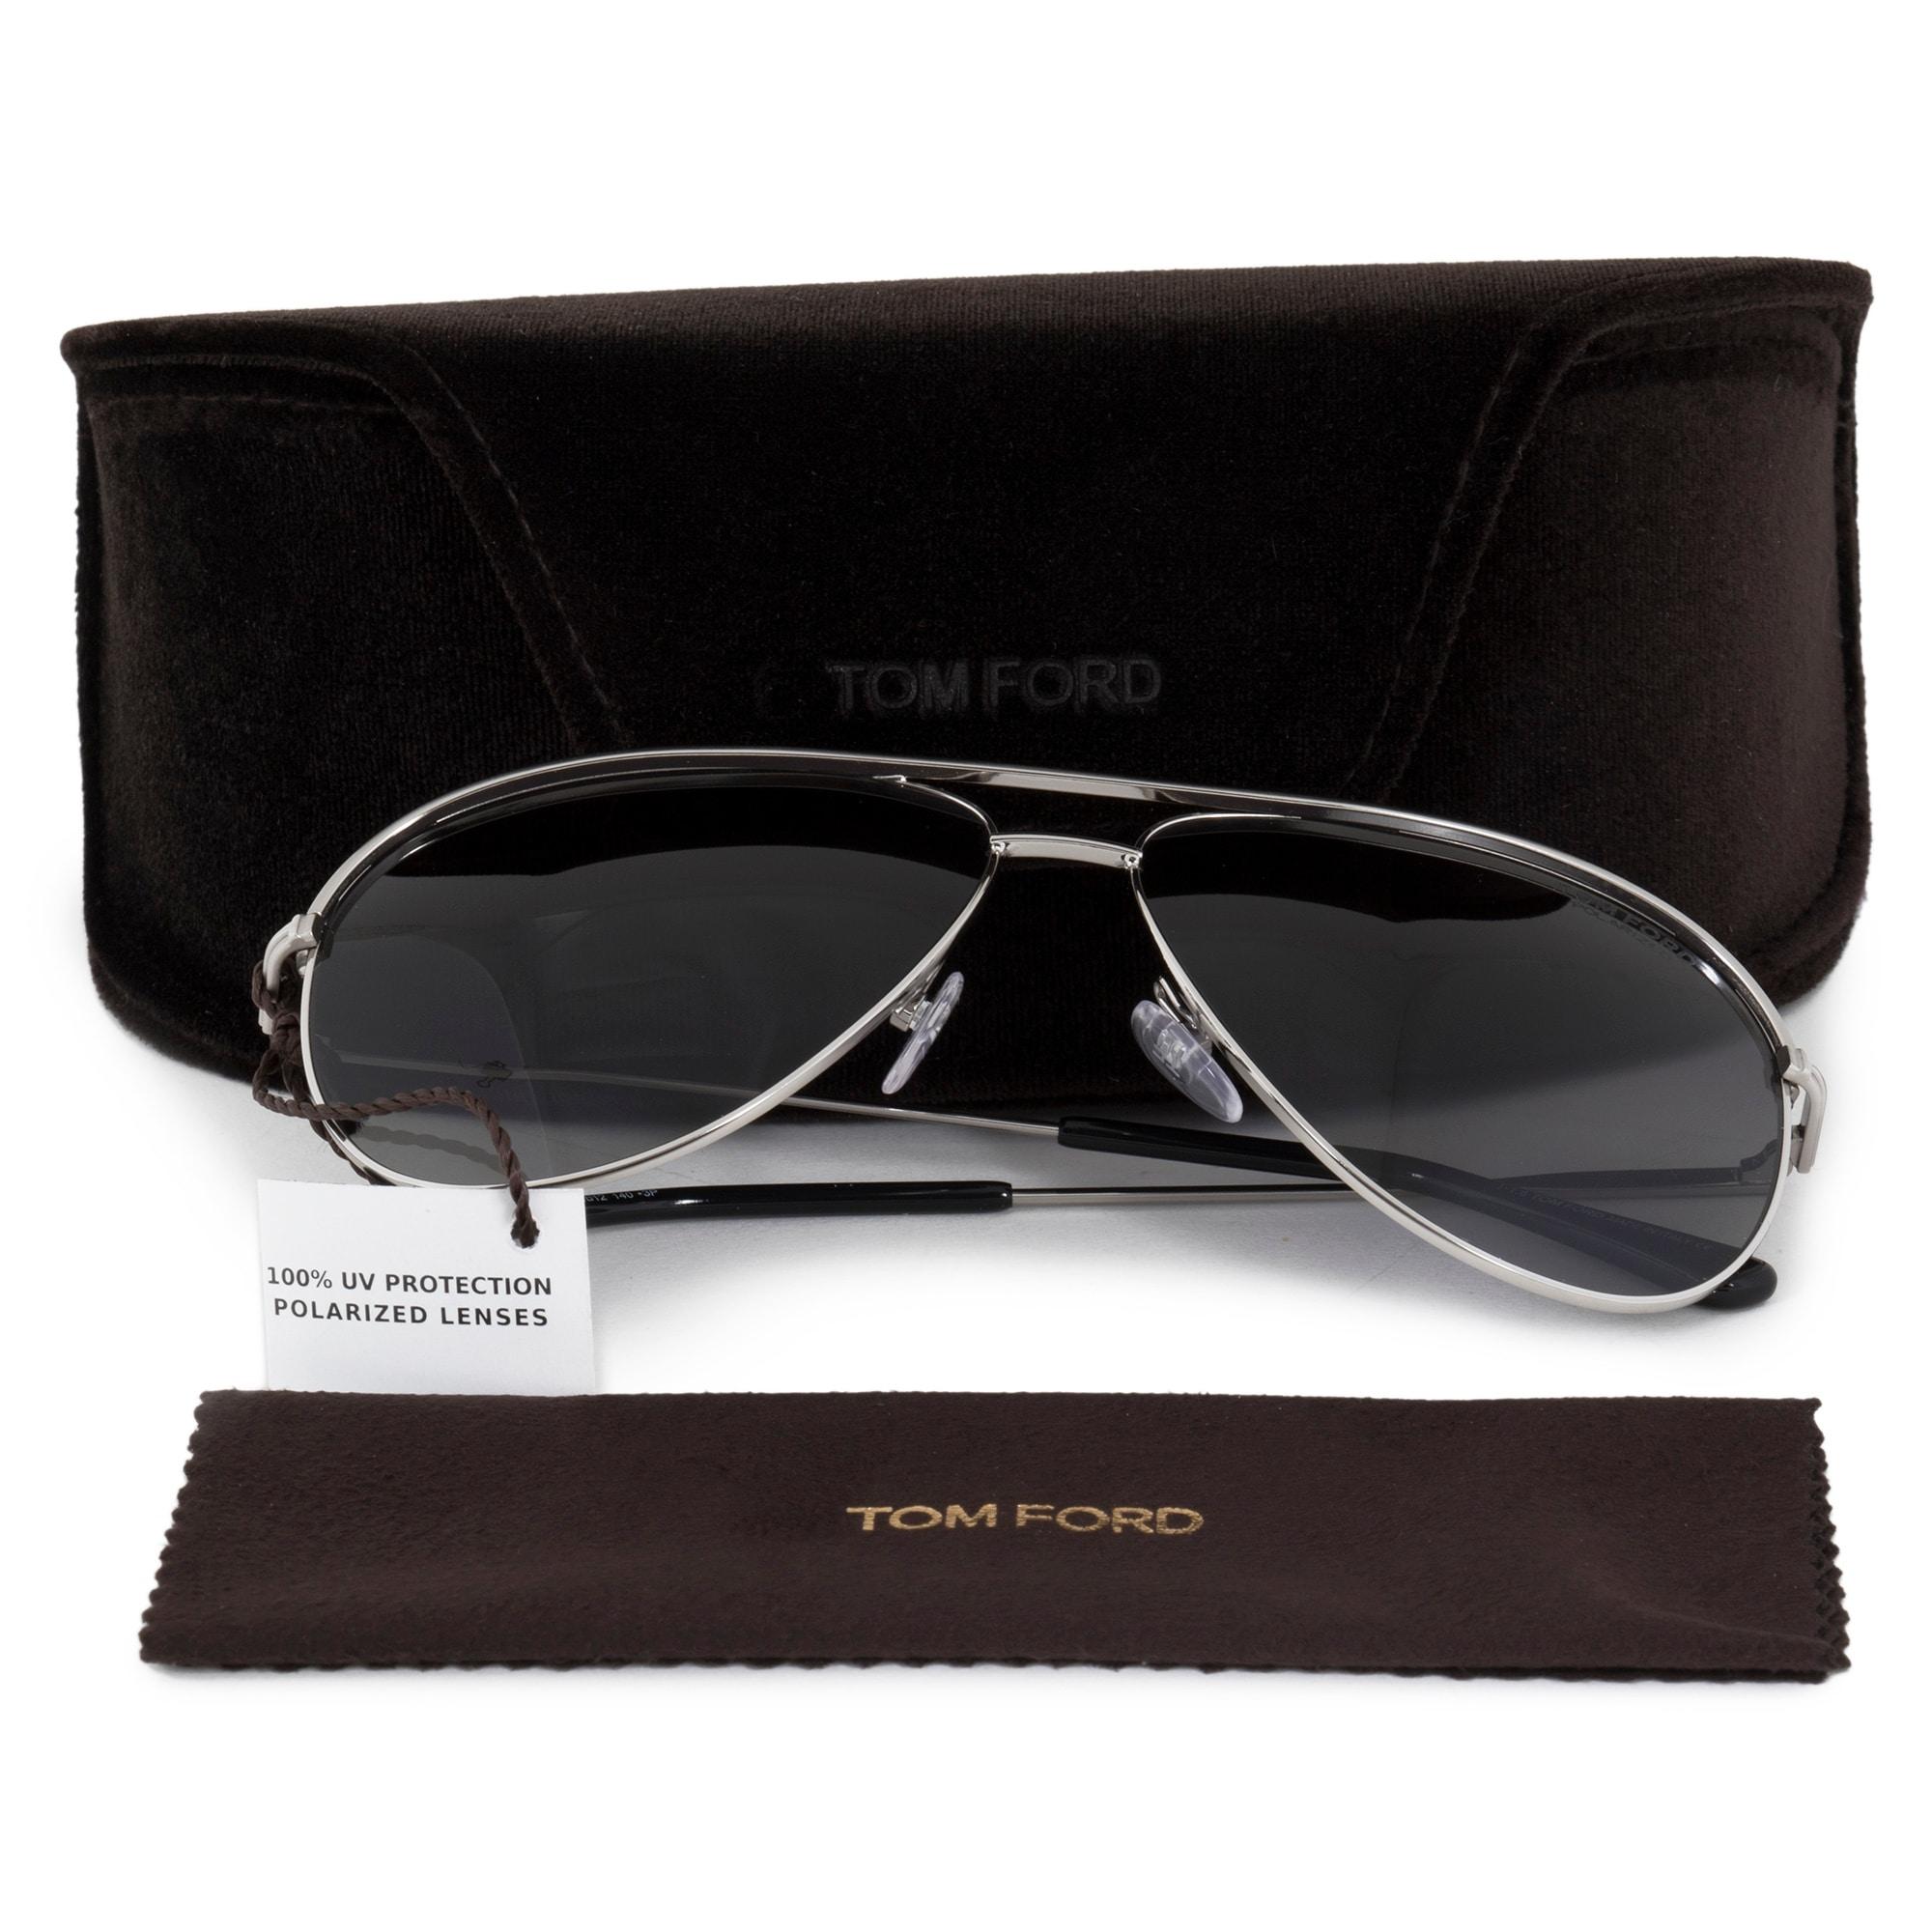 e9864070e0 Shop Tom Ford Erin Aviator Sunglasses FT0466 17D 61 POL - Free Shipping  Today - Overstock.com - 19623426